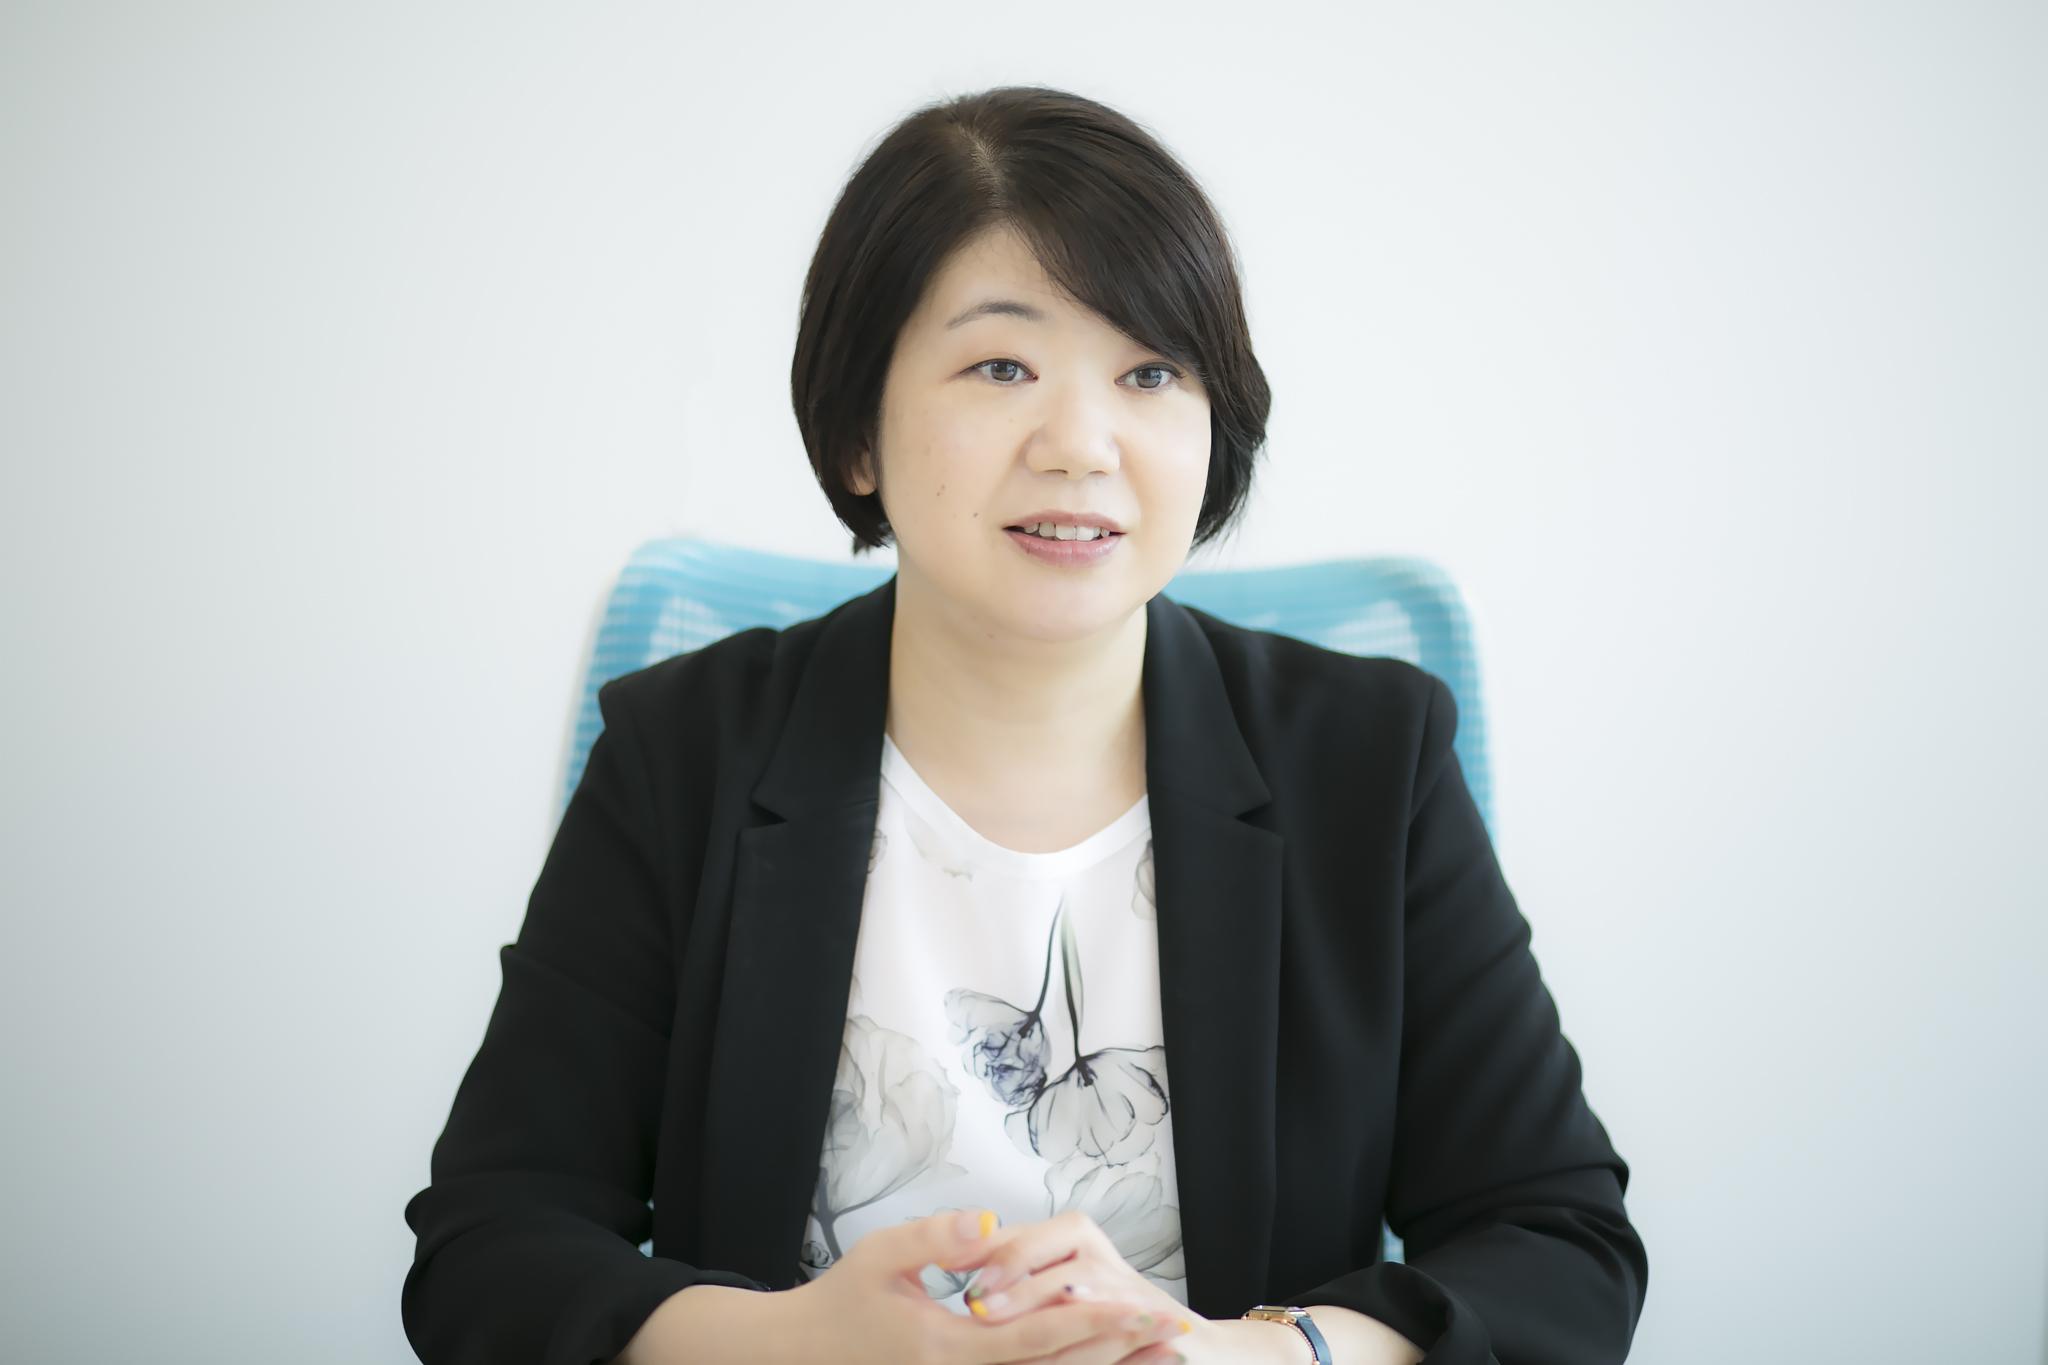 デジタルハリウッド大学・座間味涼子さんインタビューカット